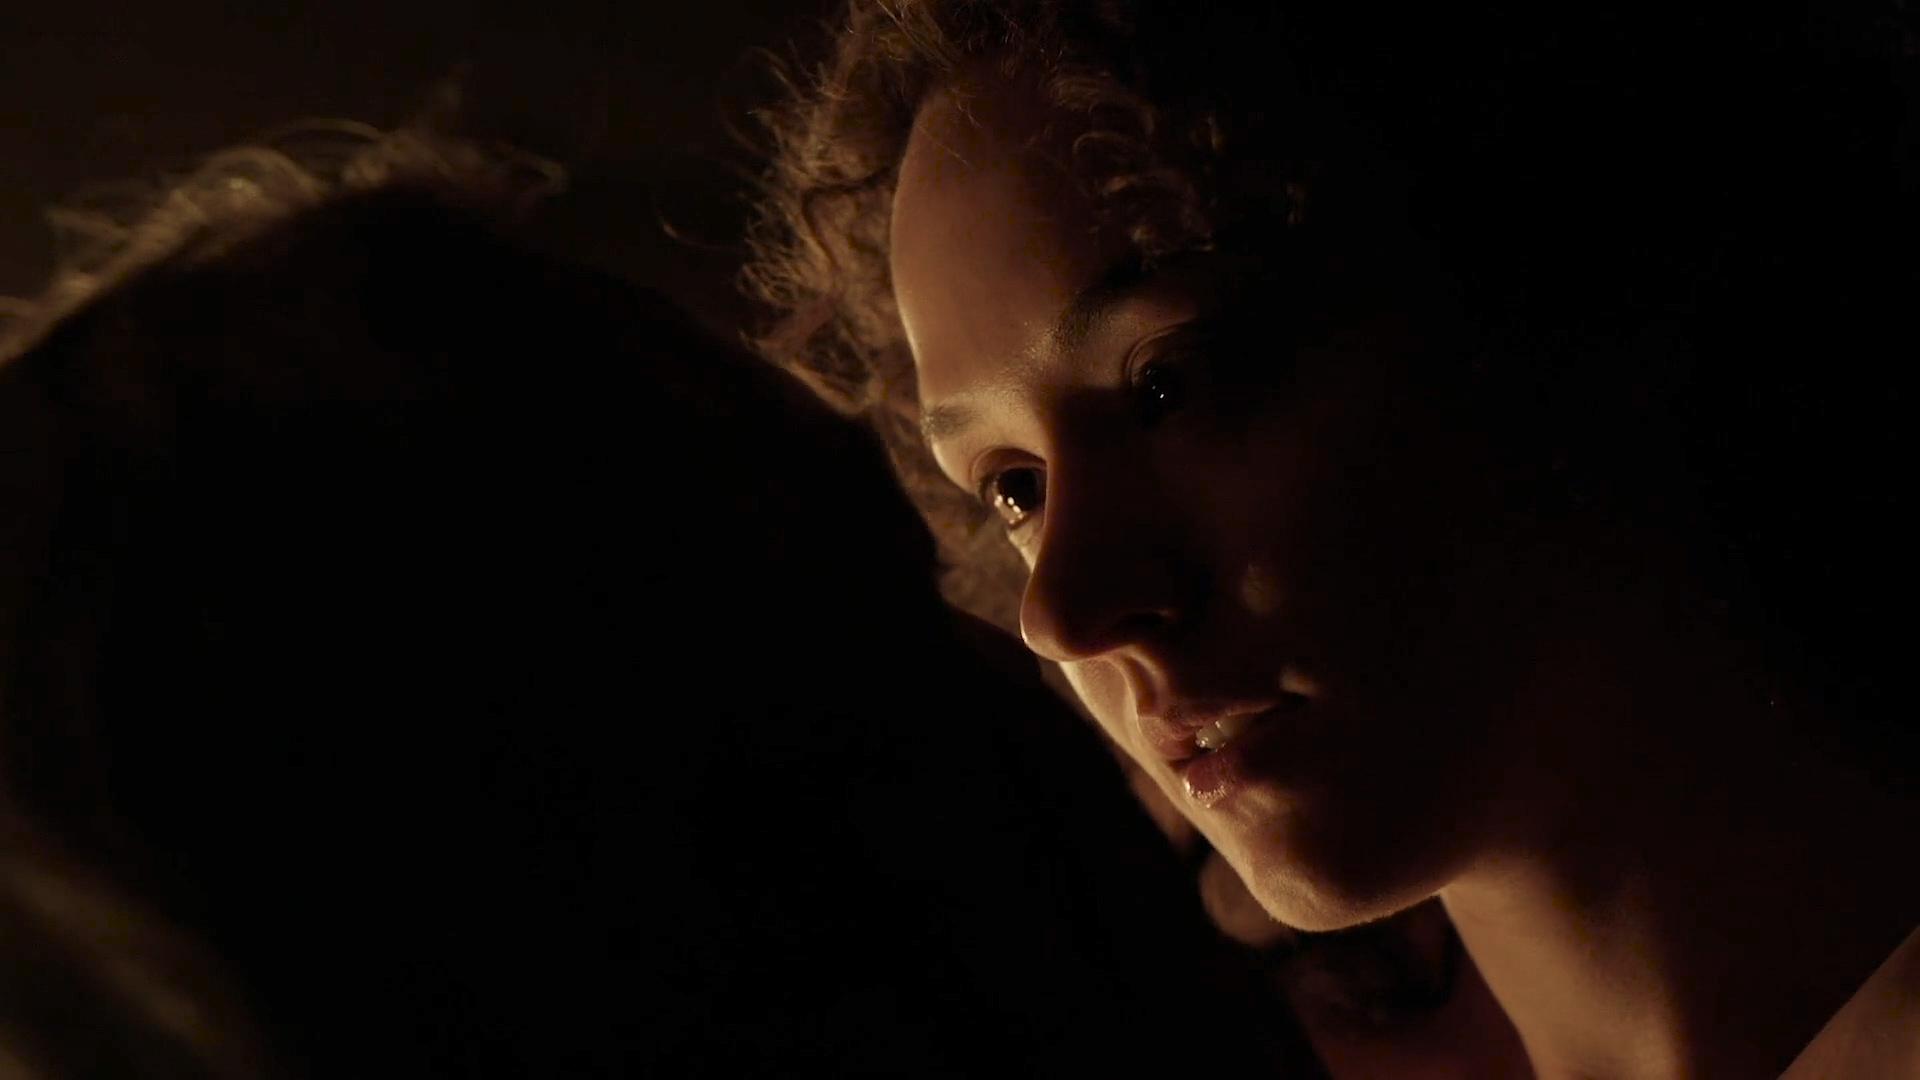 Marta Gastini nude butt, boobs and sex - Borgia (2013) S02 HD 1080p (6)